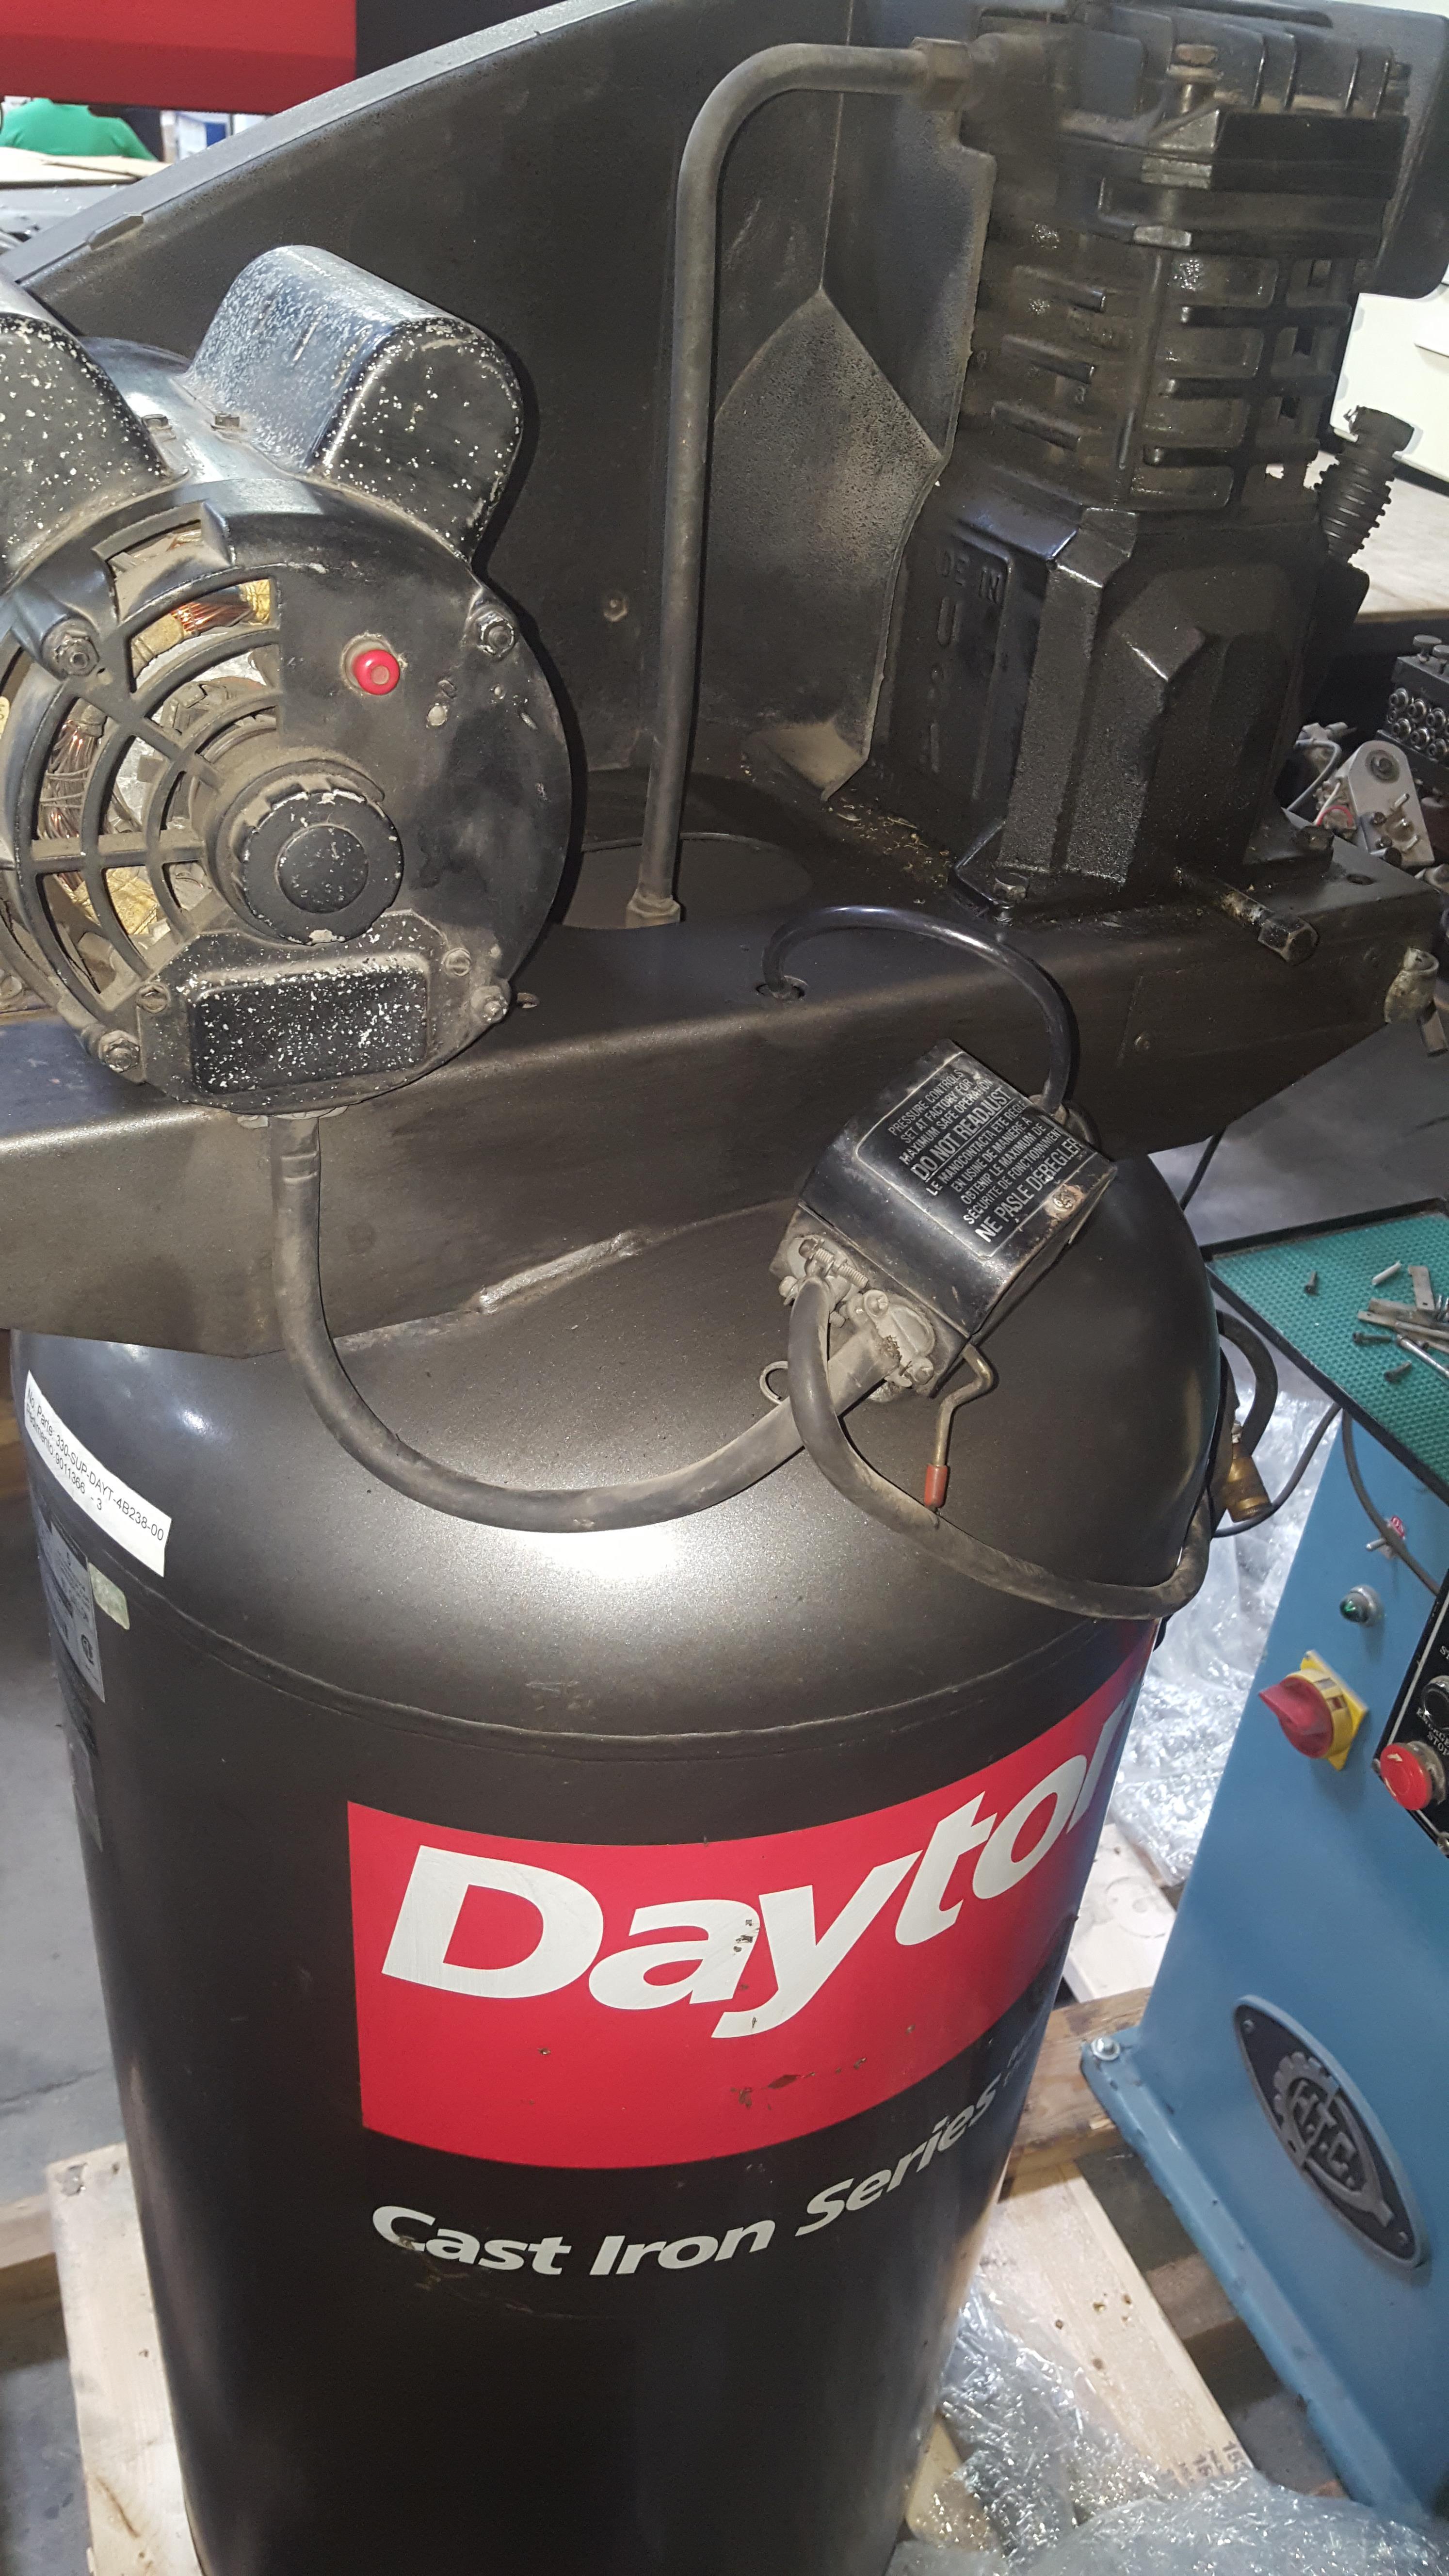 """Lot 96 - DAYTON CAST IRON SERIES AIR COMPRESSOR, MODEL 4B238, 220V, 350 LBS, 2'3"""" X 2'3"""" X 5'6"""", S/N L6/7/96-"""